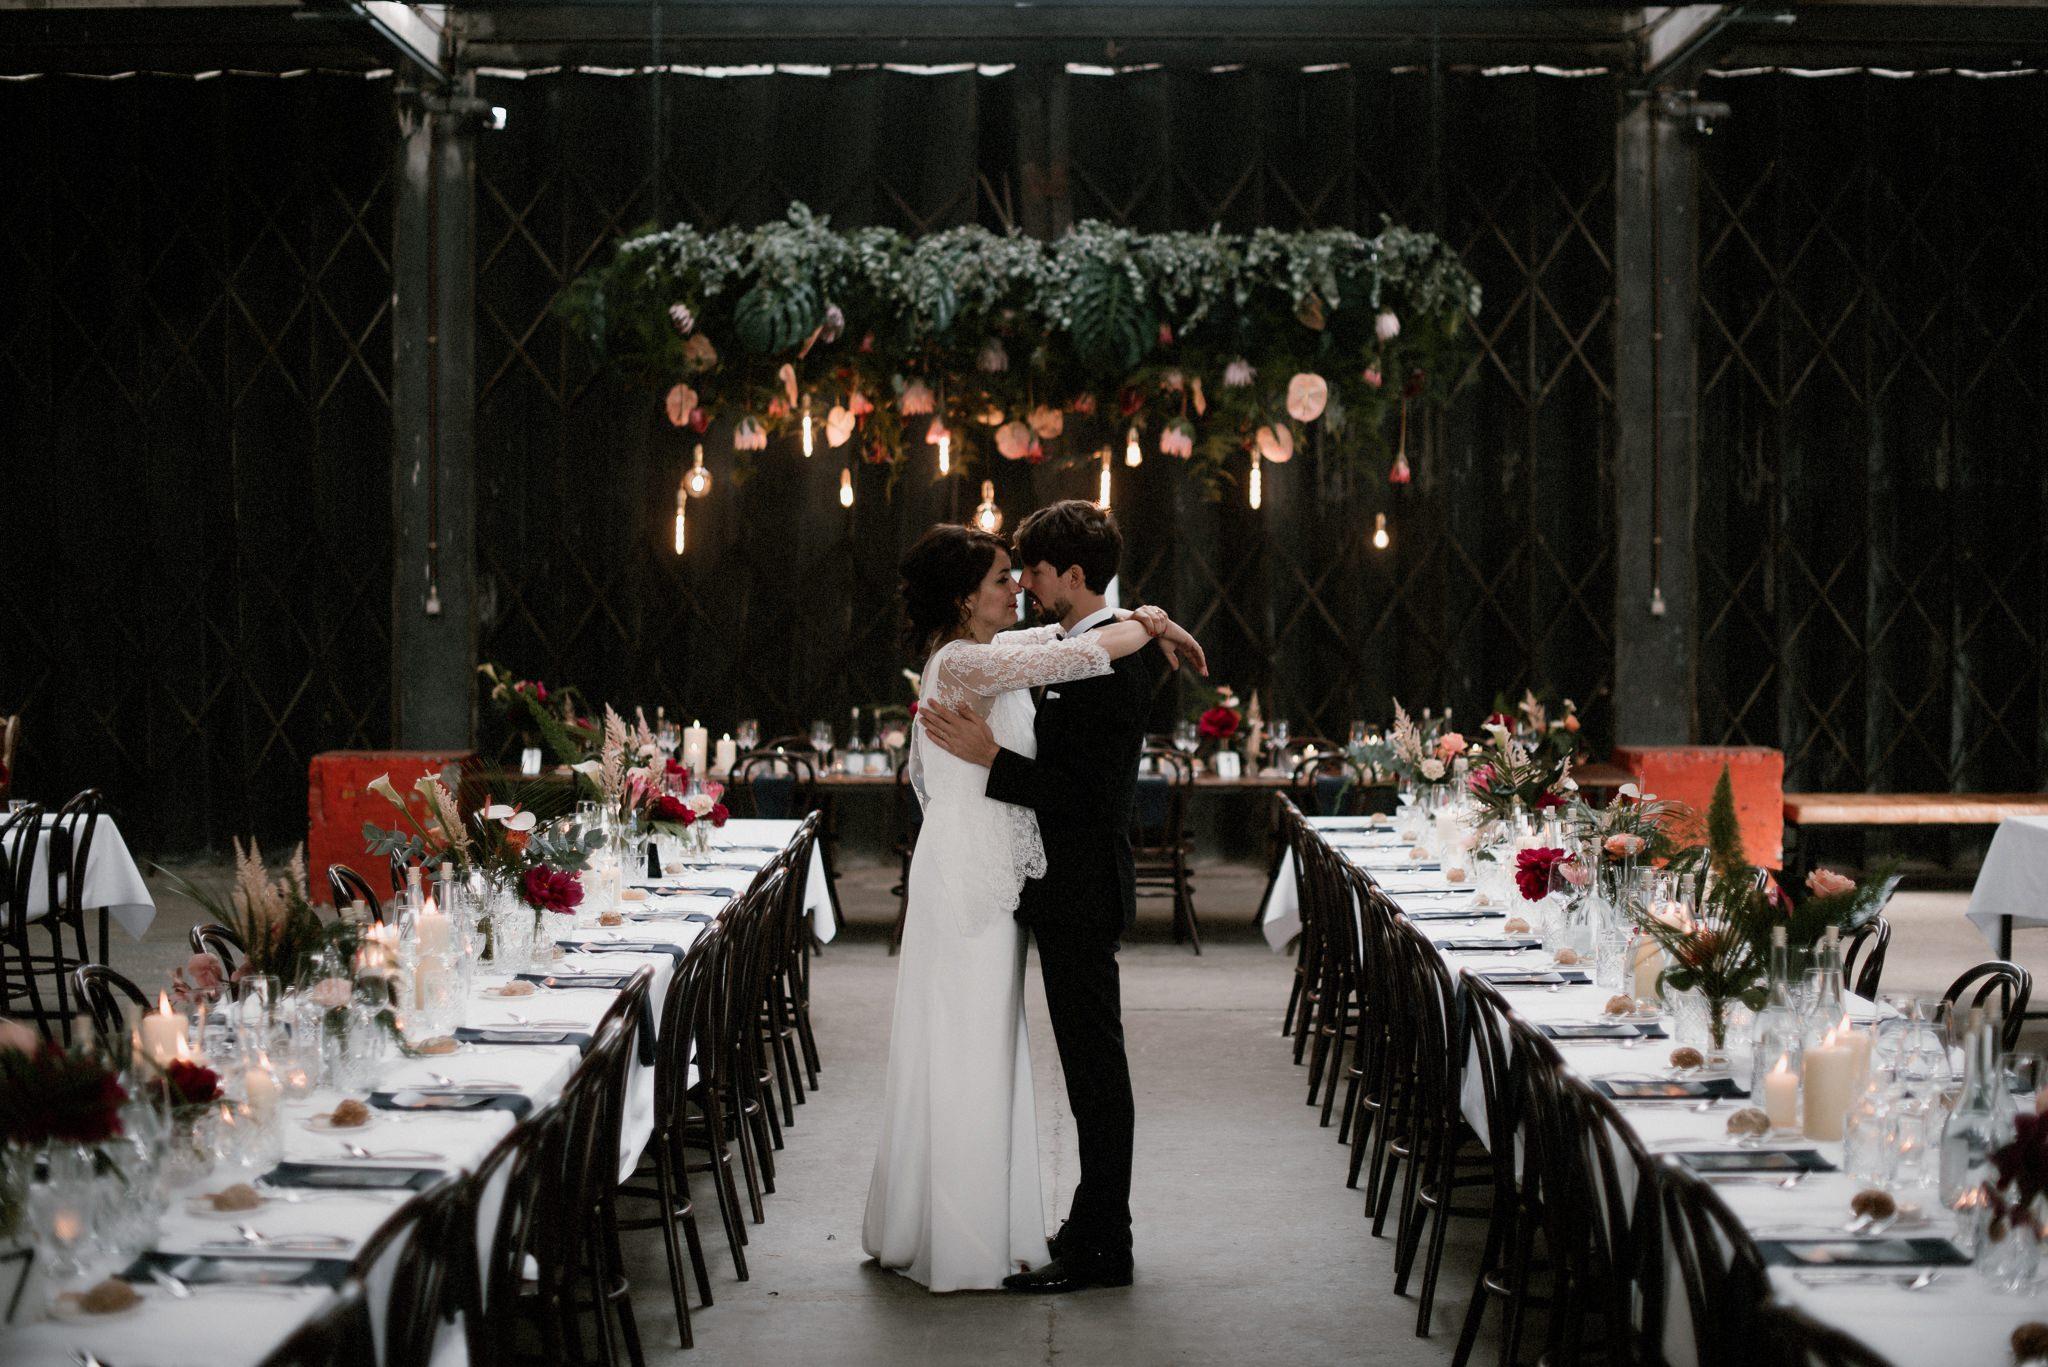 Naomi van der Kraan huwelijksfotograaf Belgie Antwerpen.jpg